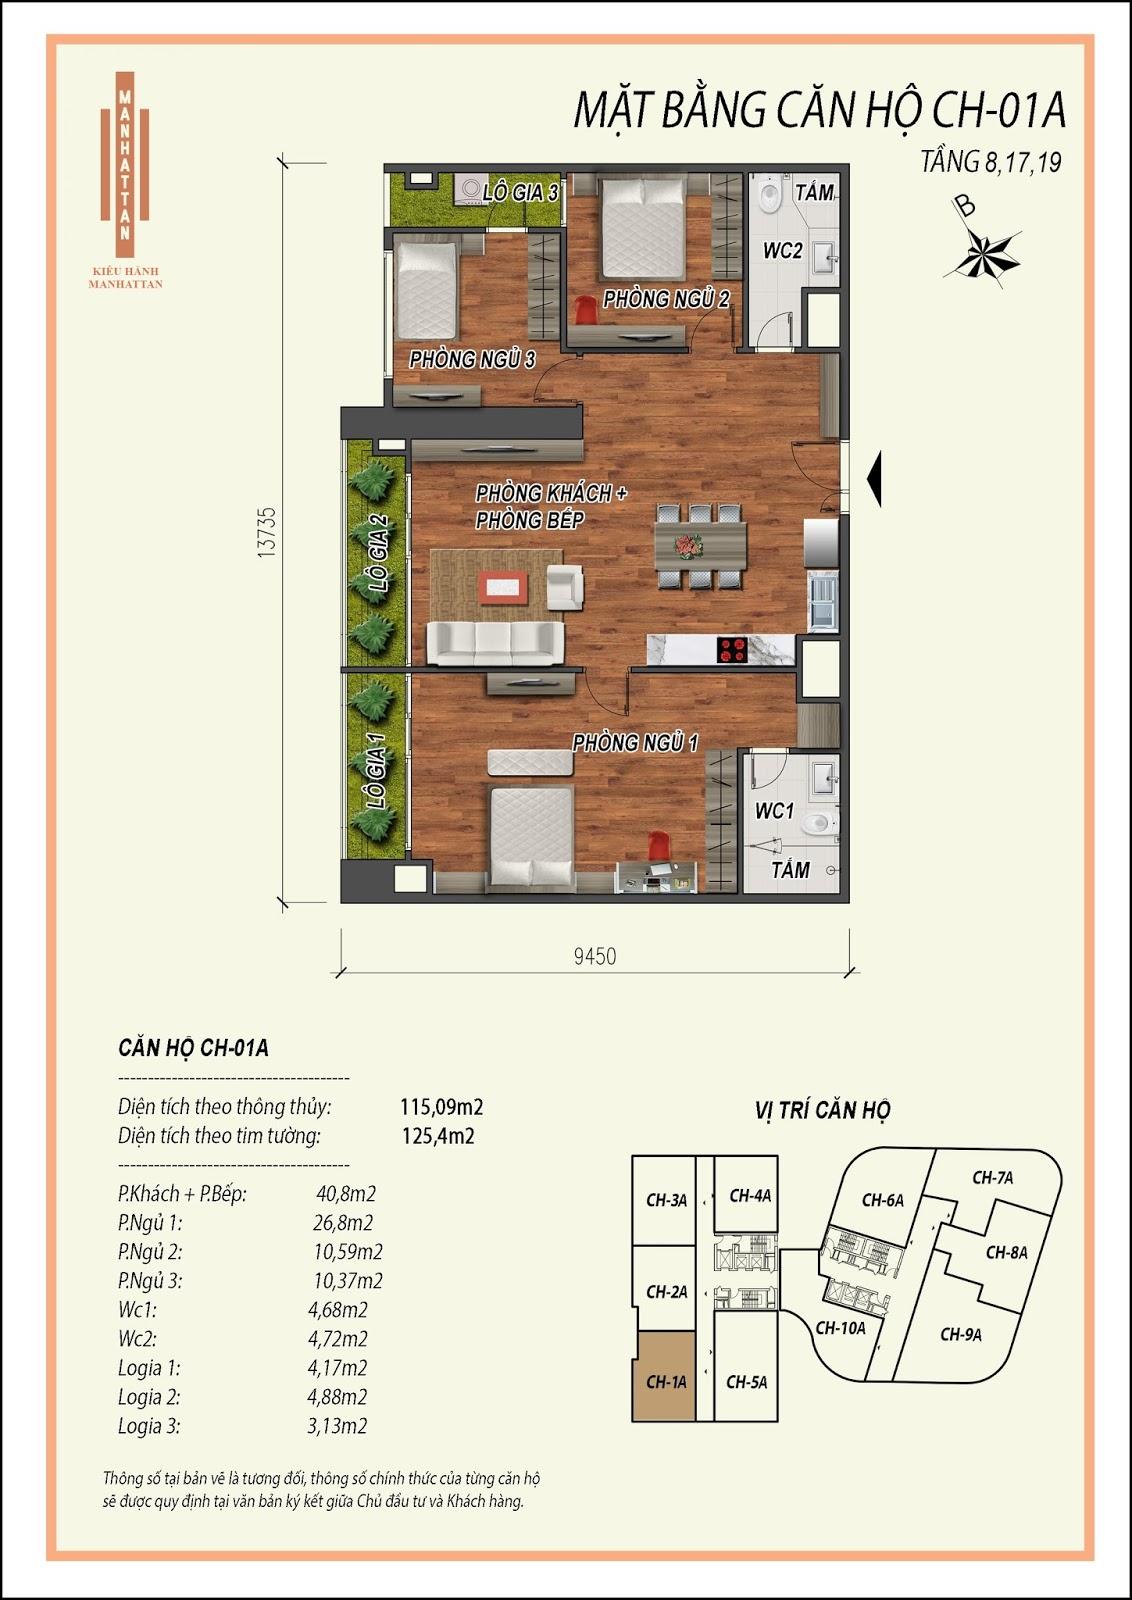 Thiết kế căn hộ 01A, diện tích 115,09m2, có 03 phòng ngủ